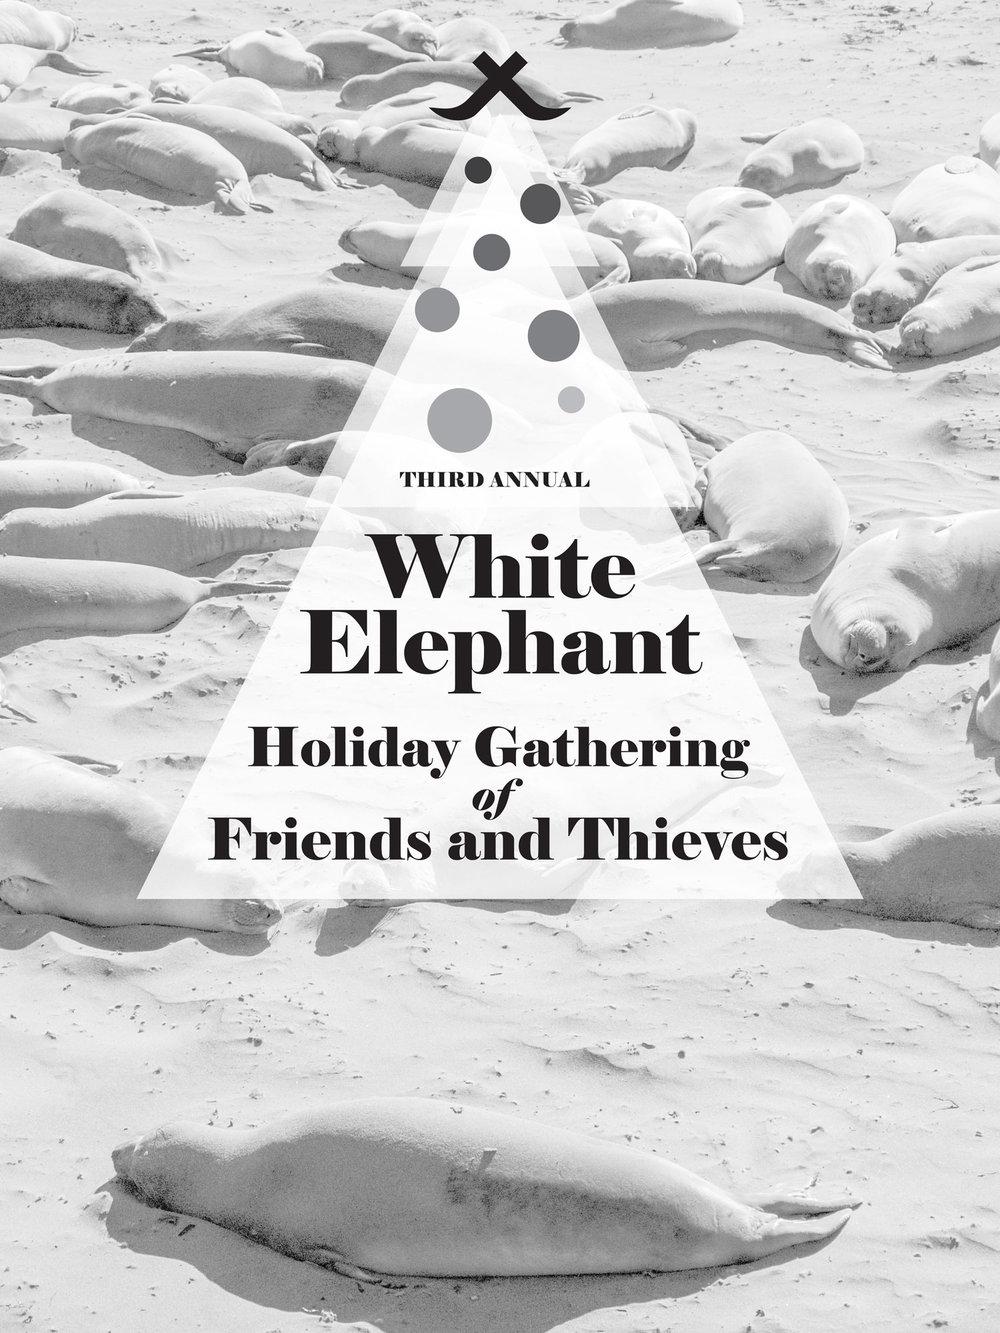 white-elephant-poster-v1.jpg